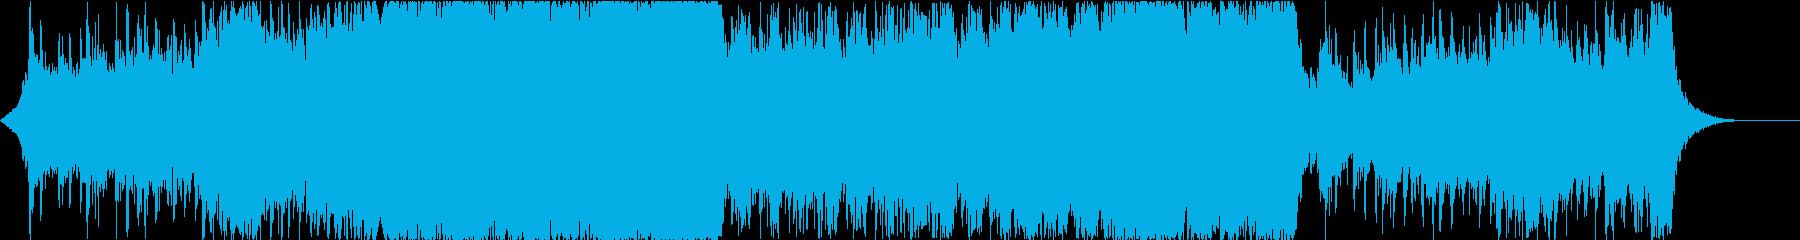 映画 感動的なエピックトレーラー 予告編の再生済みの波形